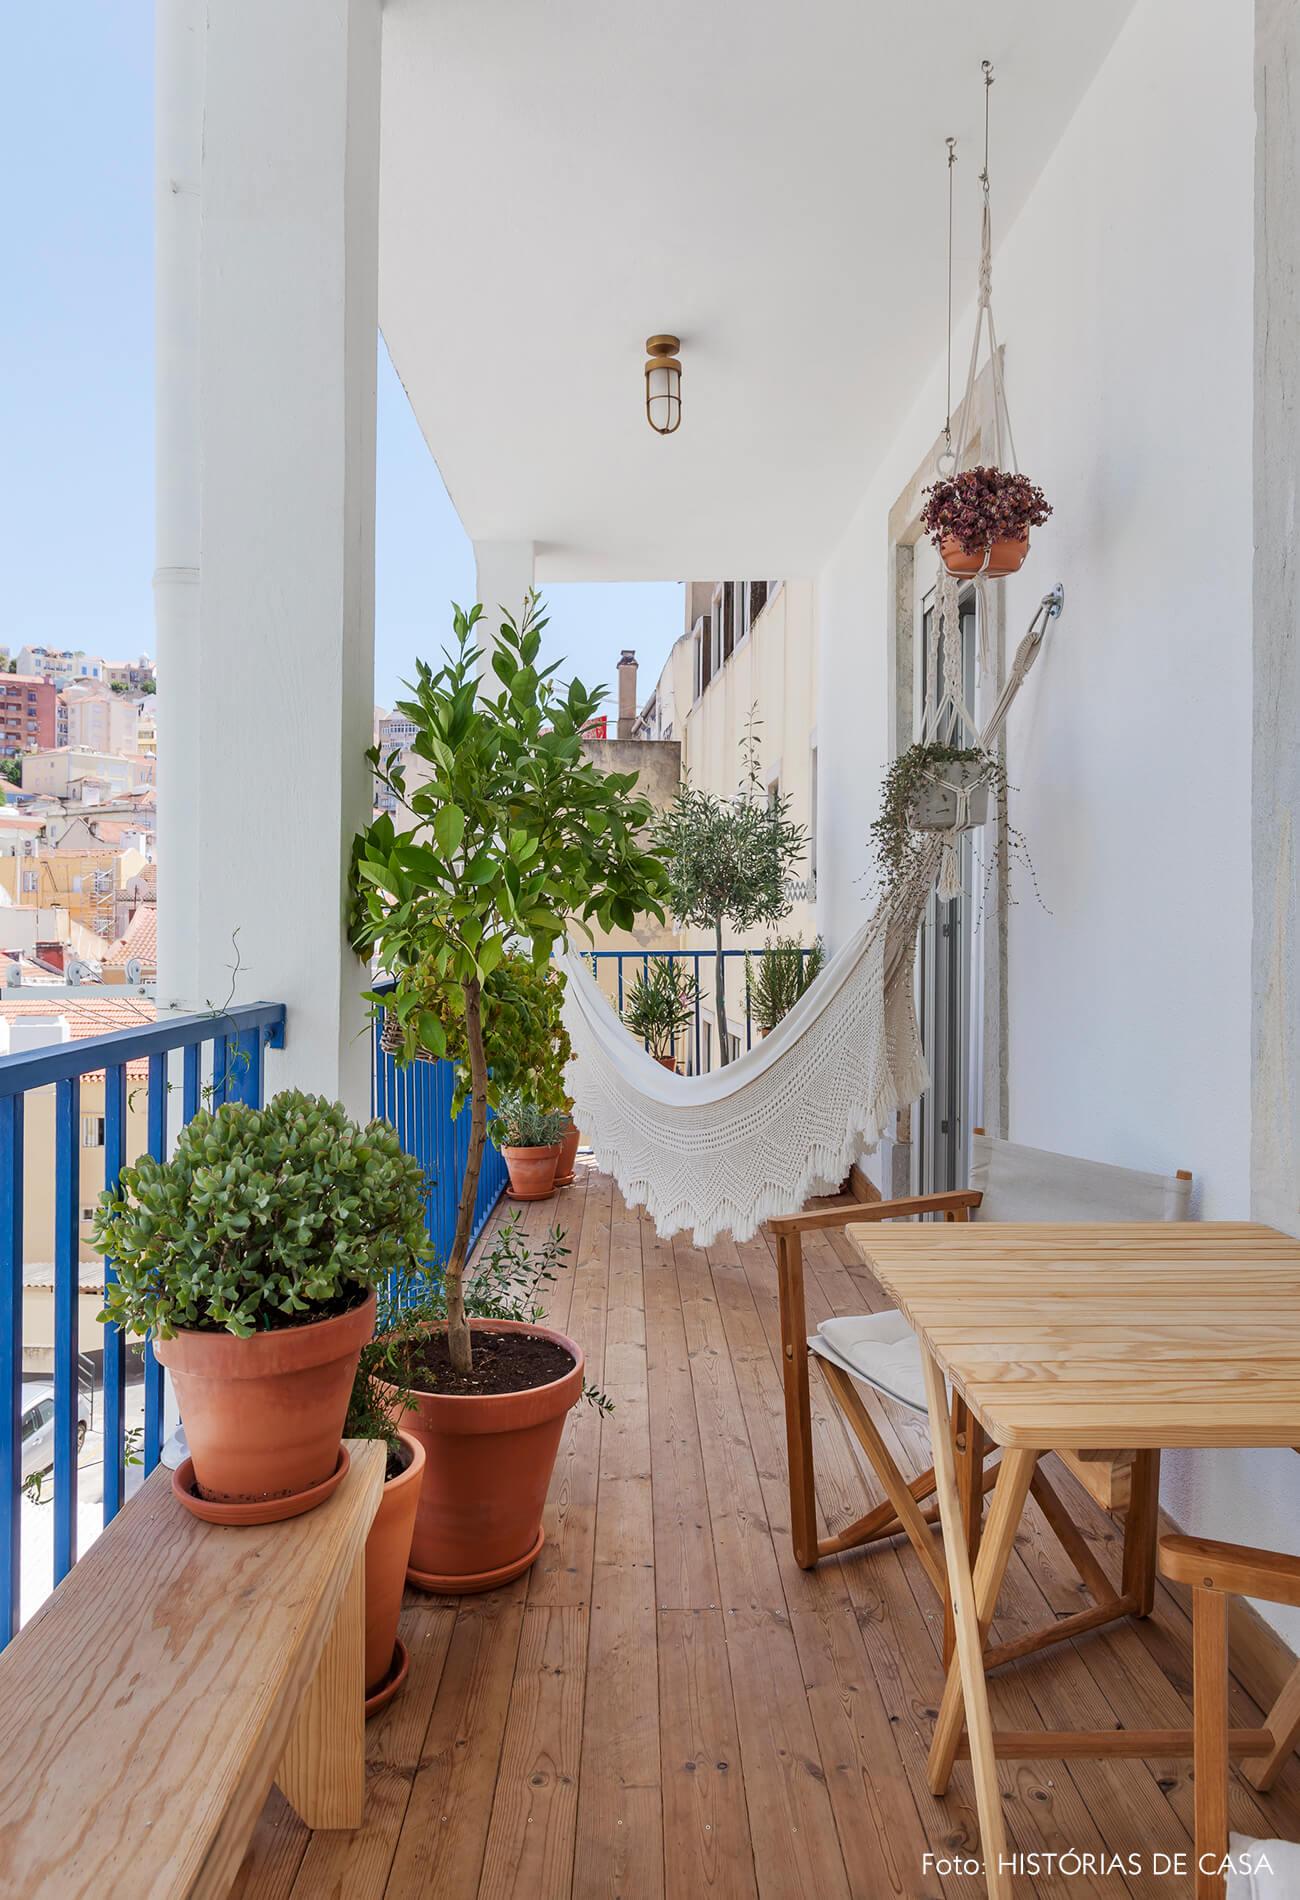 Apartamento em Lisboa com varanda e plantas